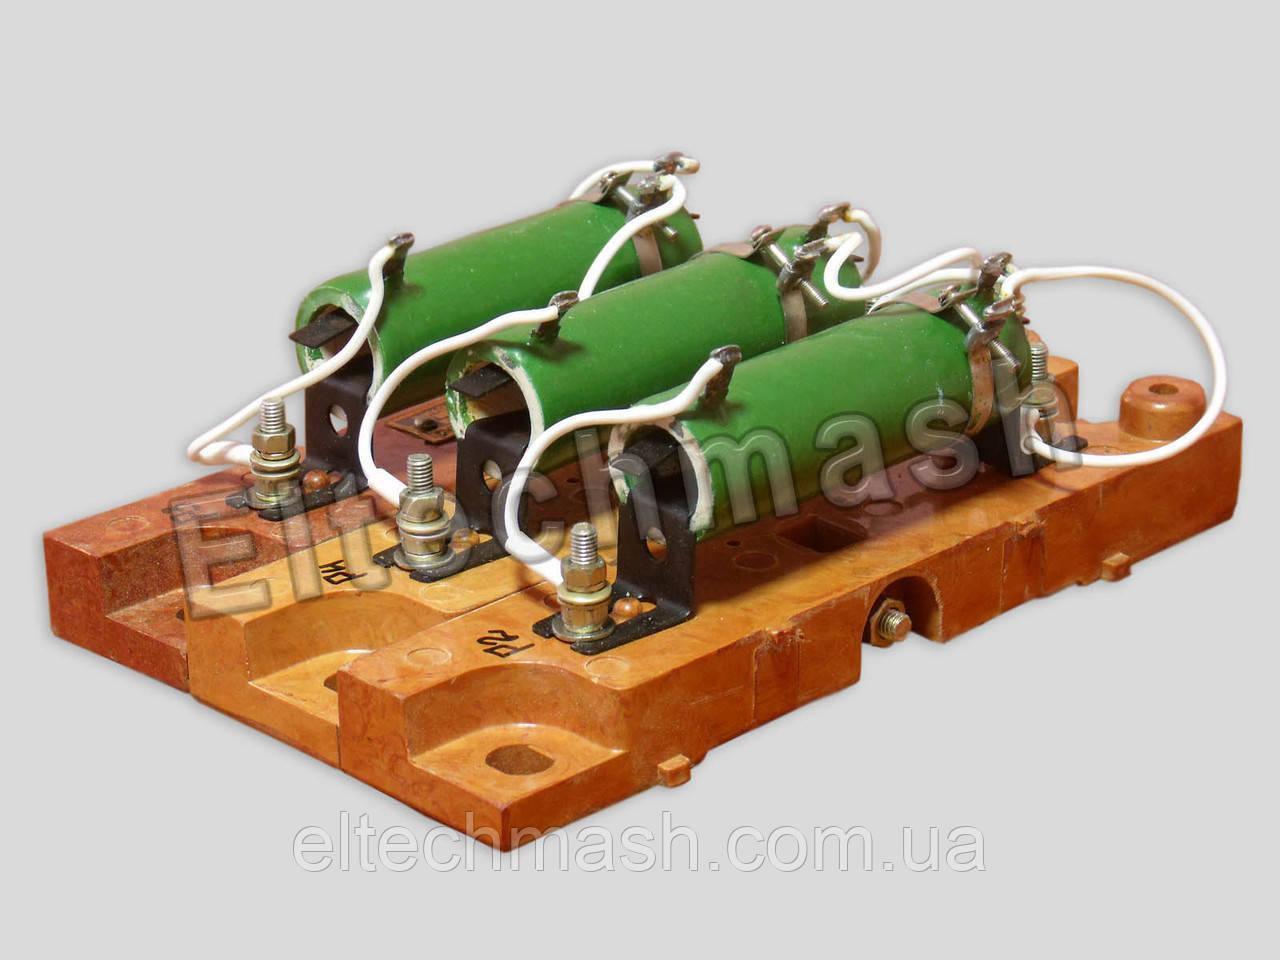 Резистор ПС-2032 УХЛ2, 2ТХ.772.024.120, ИАКВ.434173.004-09